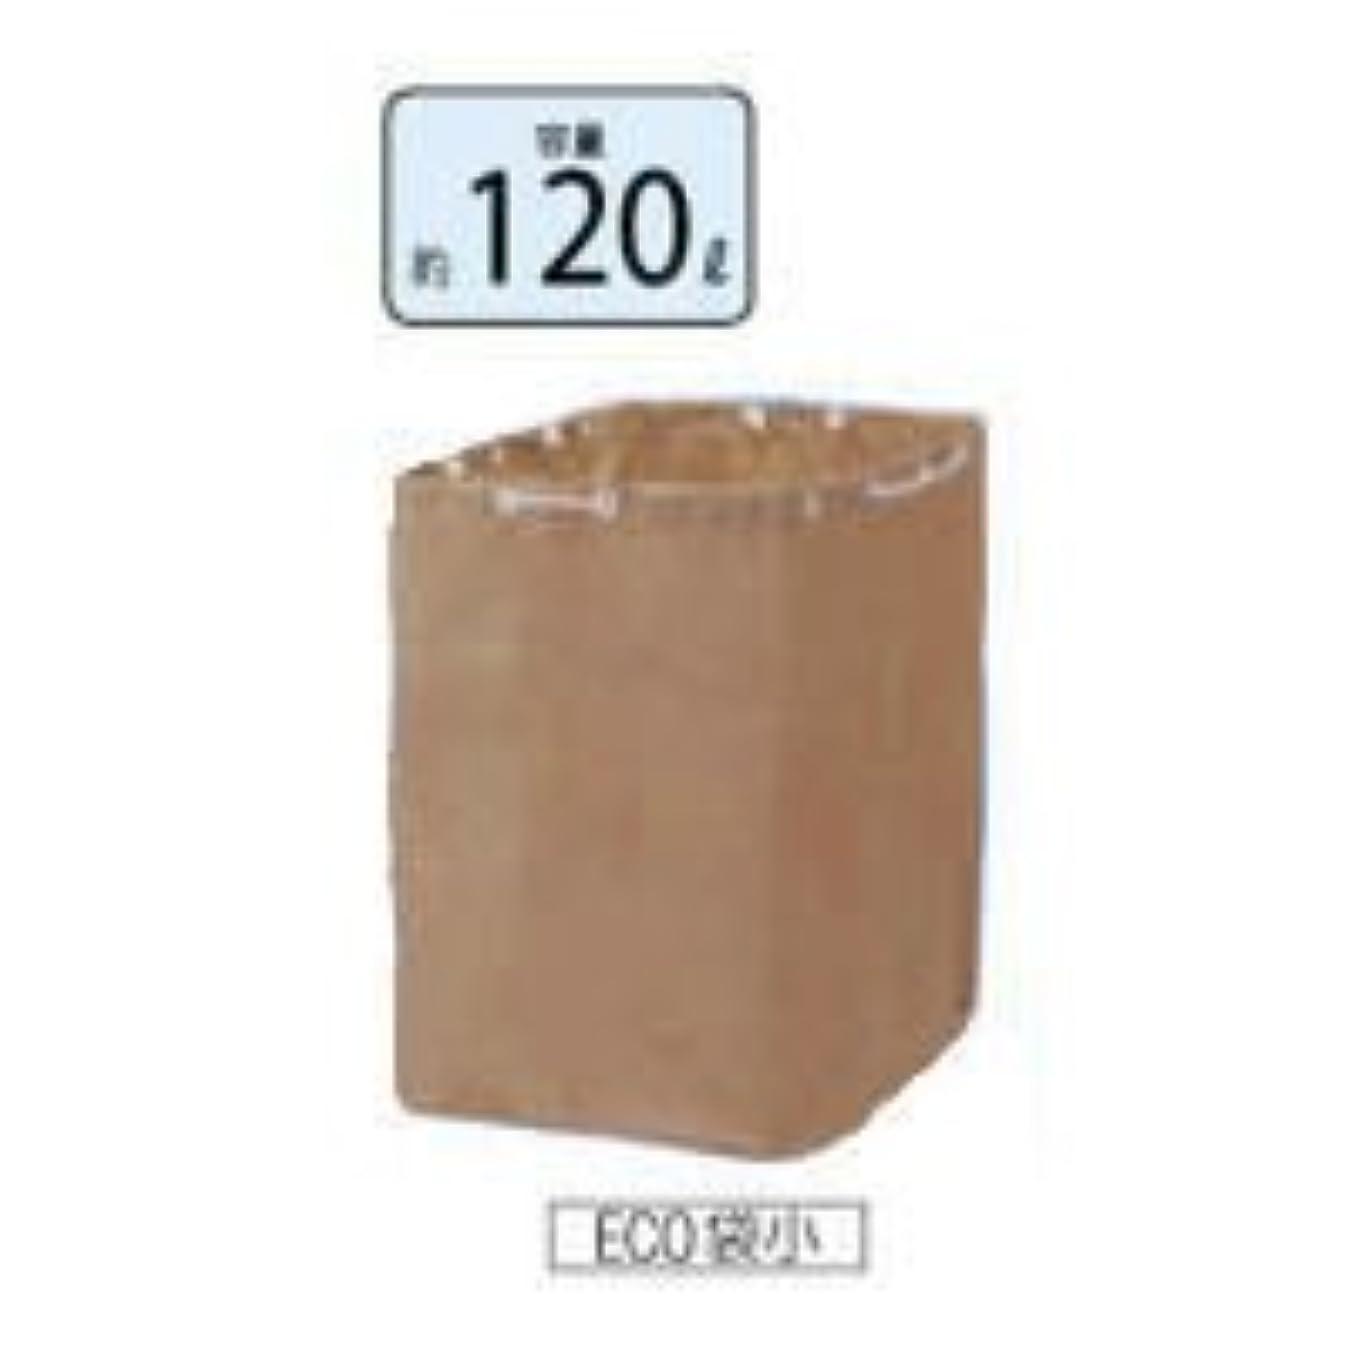 飢えた後方会話型山崎産業 清掃用品 コンドル リサイクルカートY-2 (ECO袋小) ブラウン